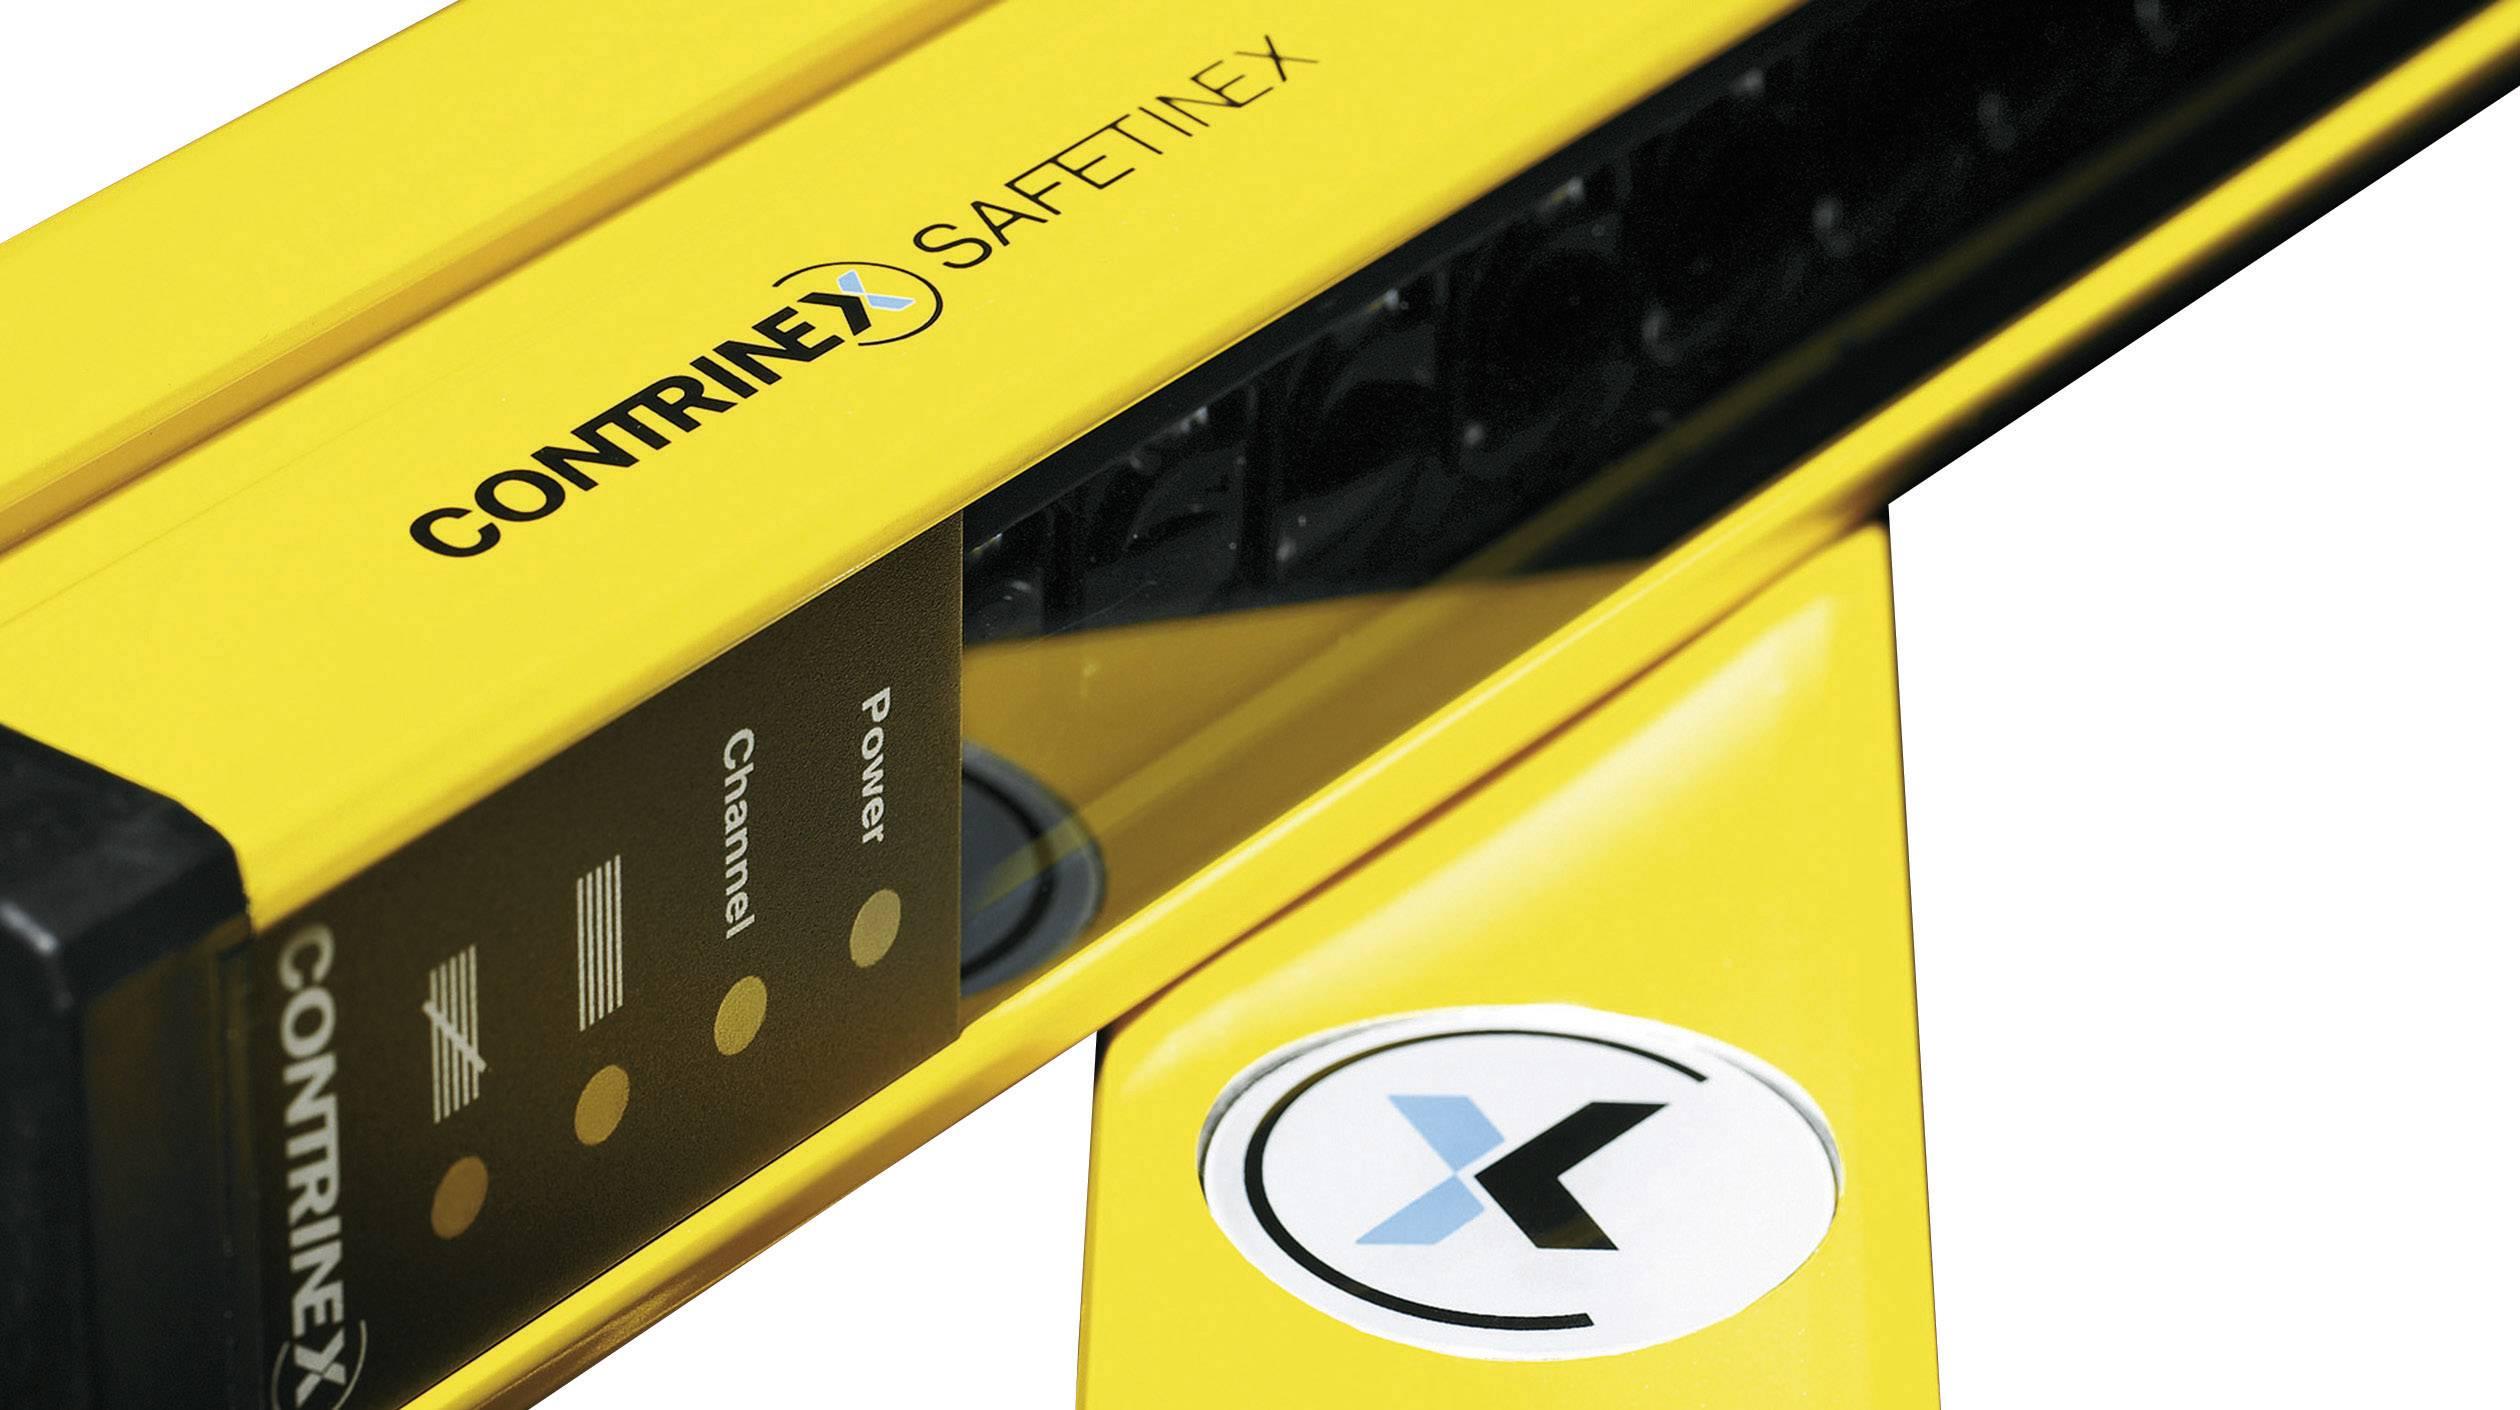 Bezpečnostní světelná závora pro ochranu prstů Contrinex YBB-14S4-0500-G012 630 000 053